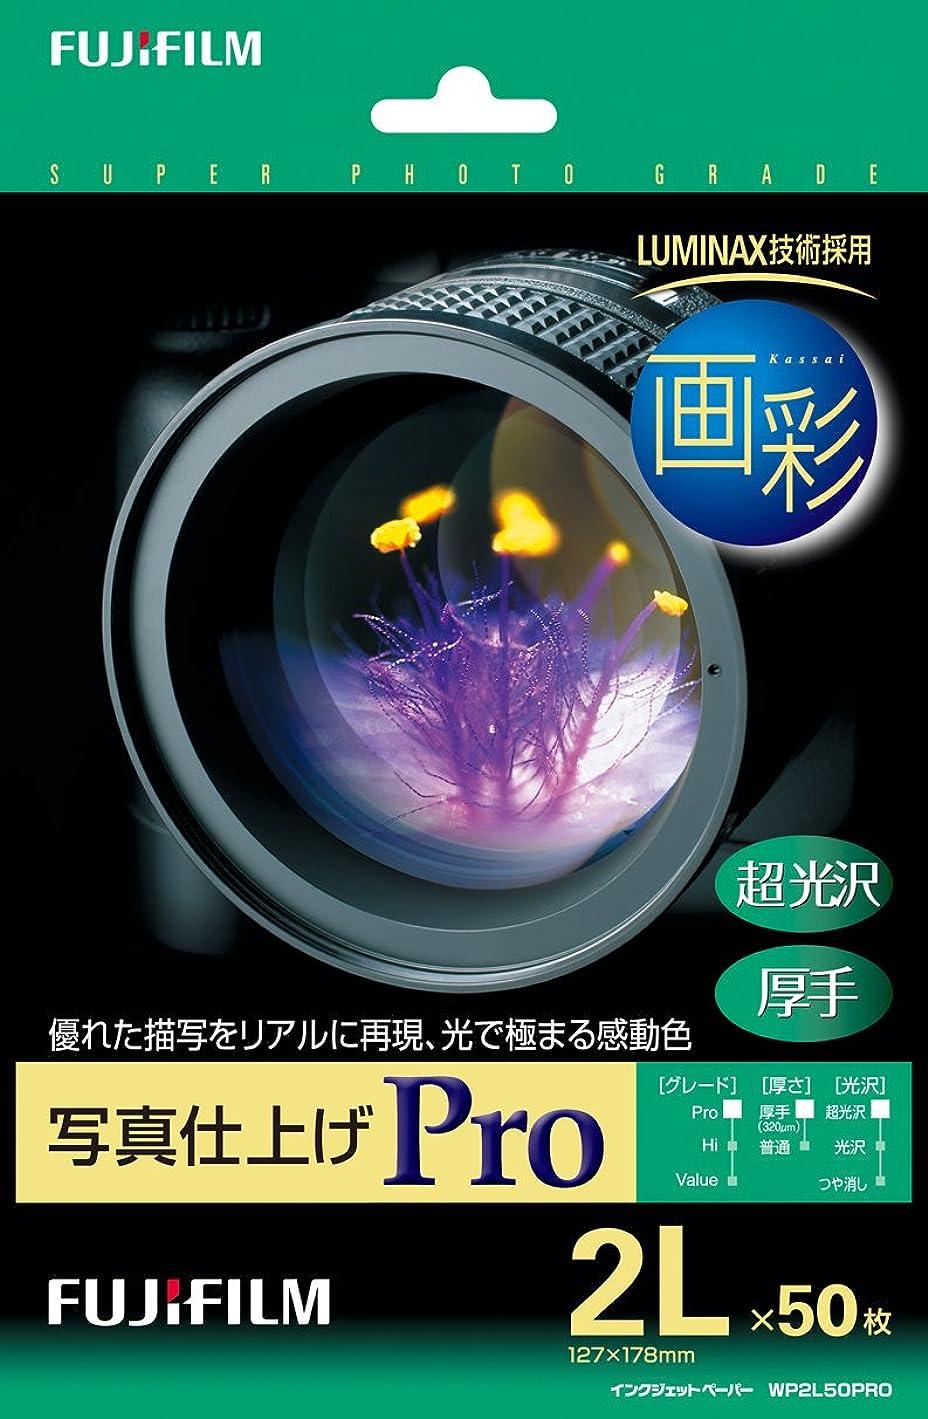 ペンフォーマルタヒチFUJIFILM 写真用紙 画彩 超光沢 厚手 2L 50枚WP2L50PRO